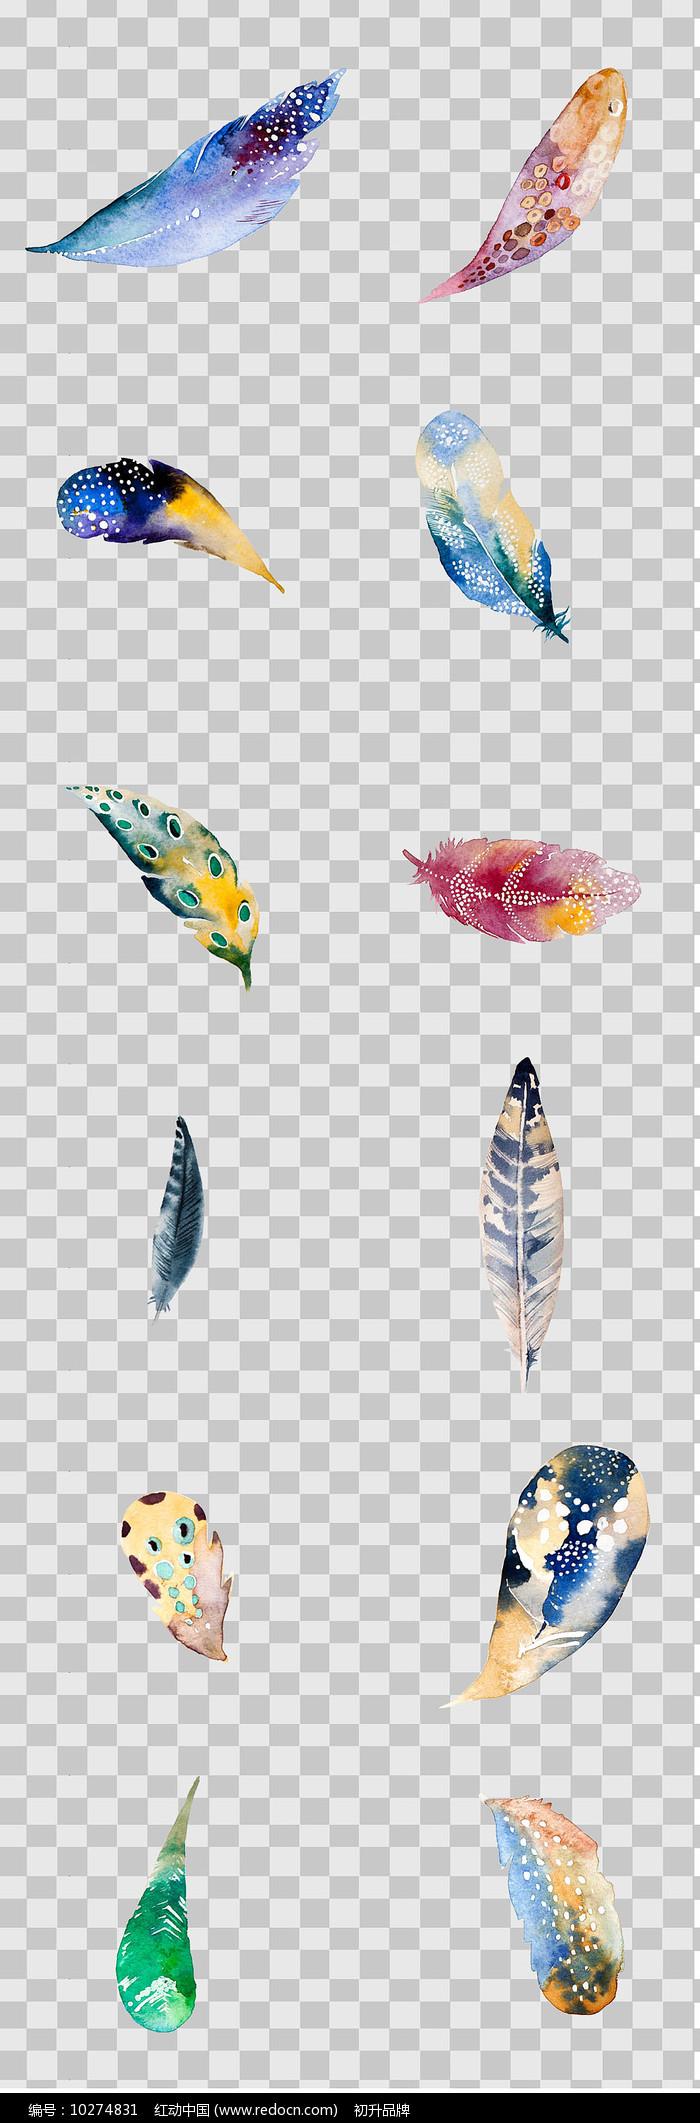 水墨风手绘羽毛元素图片